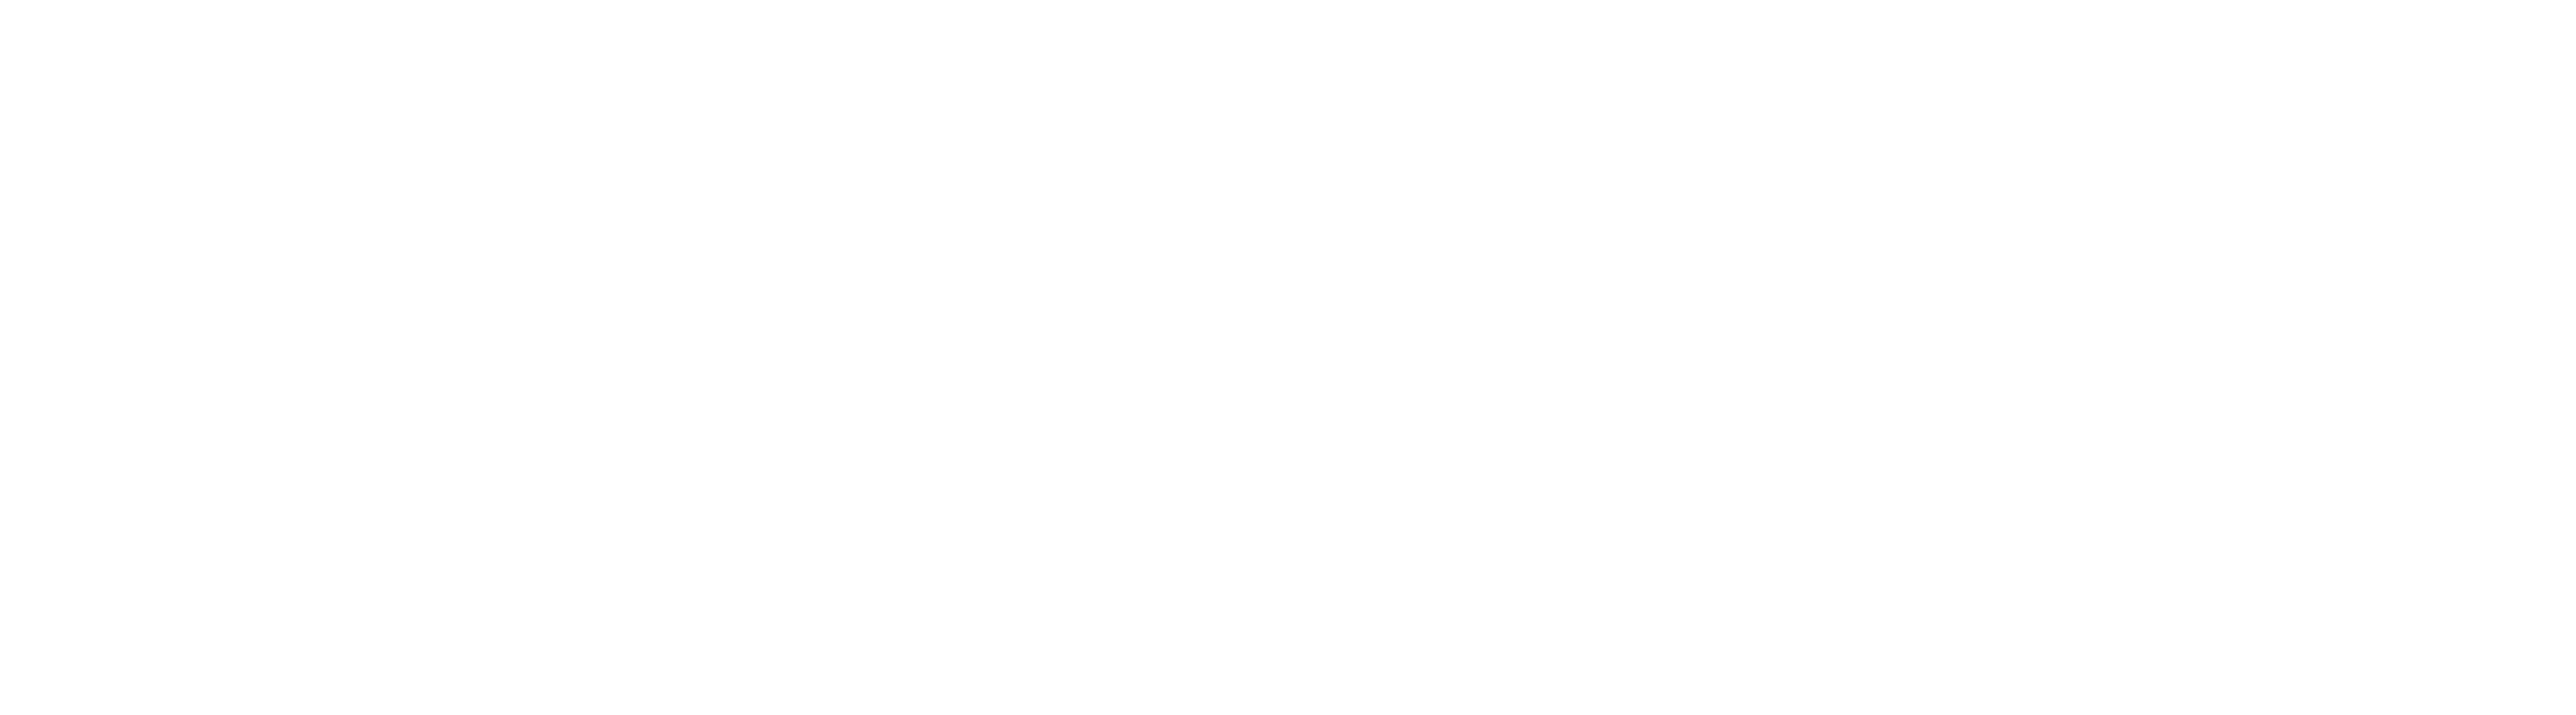 Reef Group